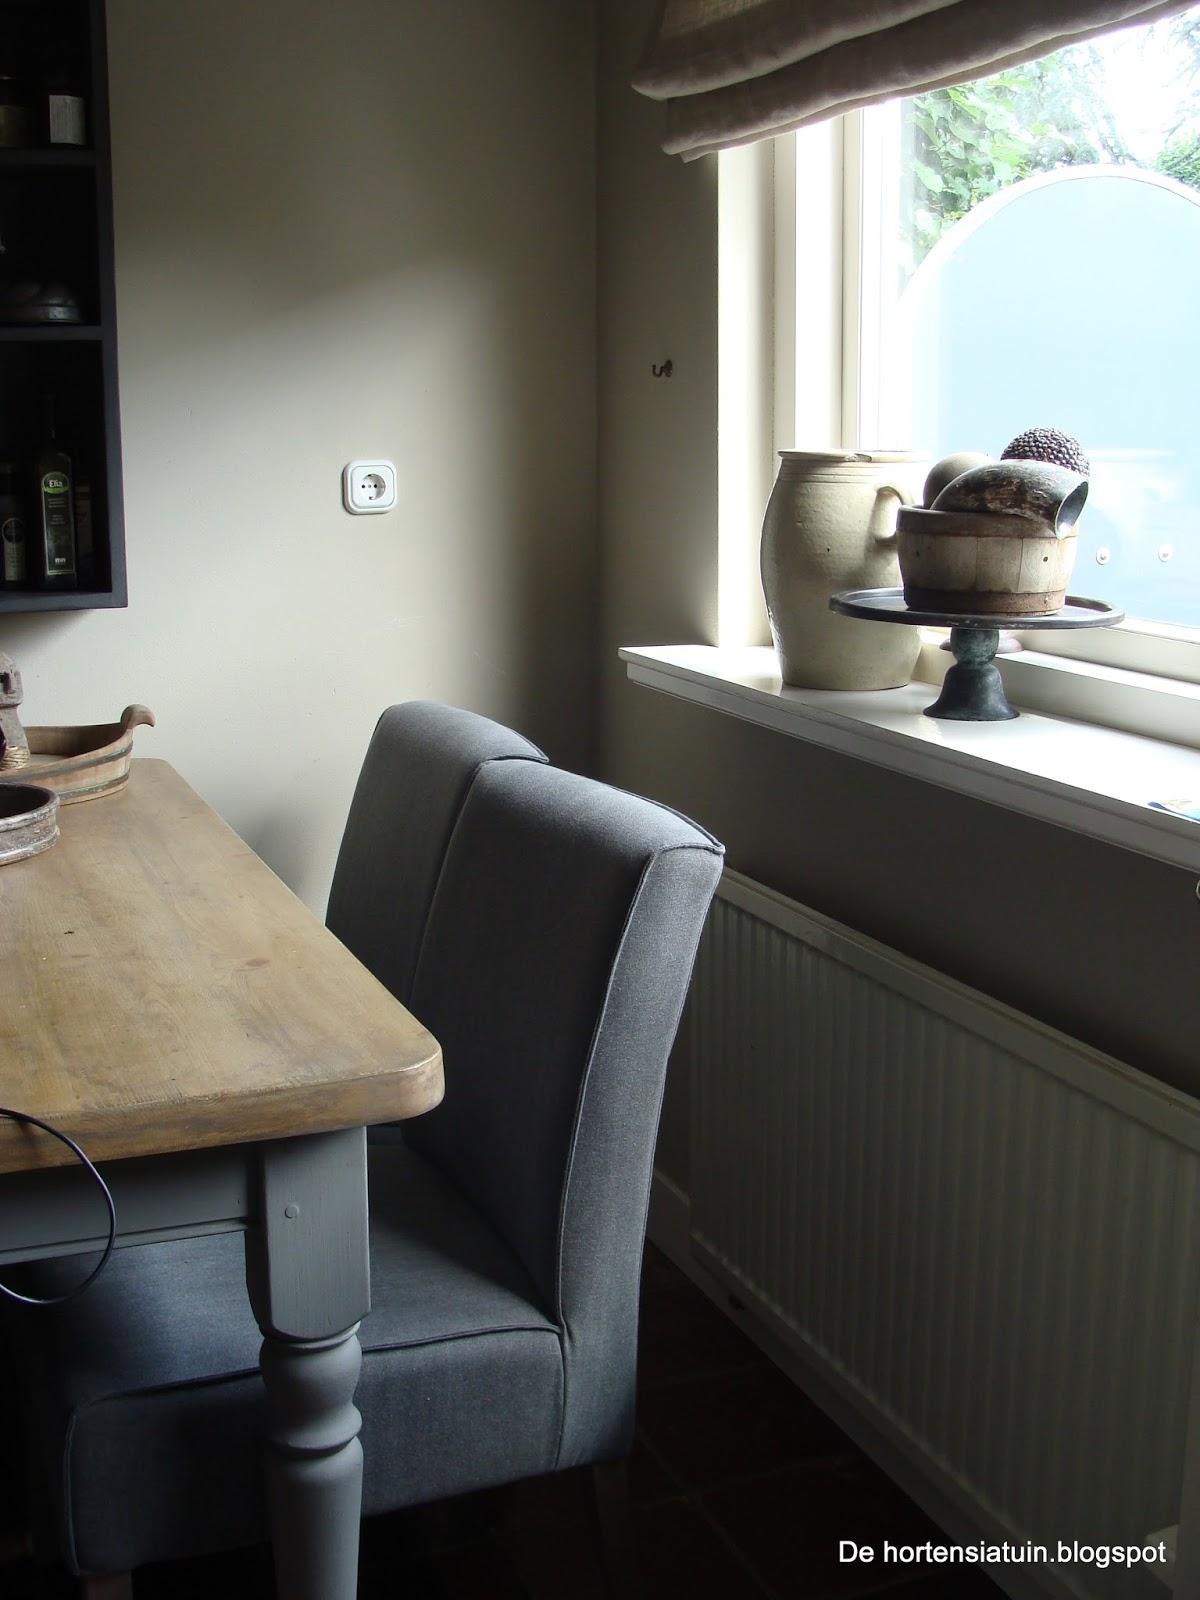 Eikenhouten Keuken Behandelen : De hortensiatuin: De nieuwe stoelen zijn binnen